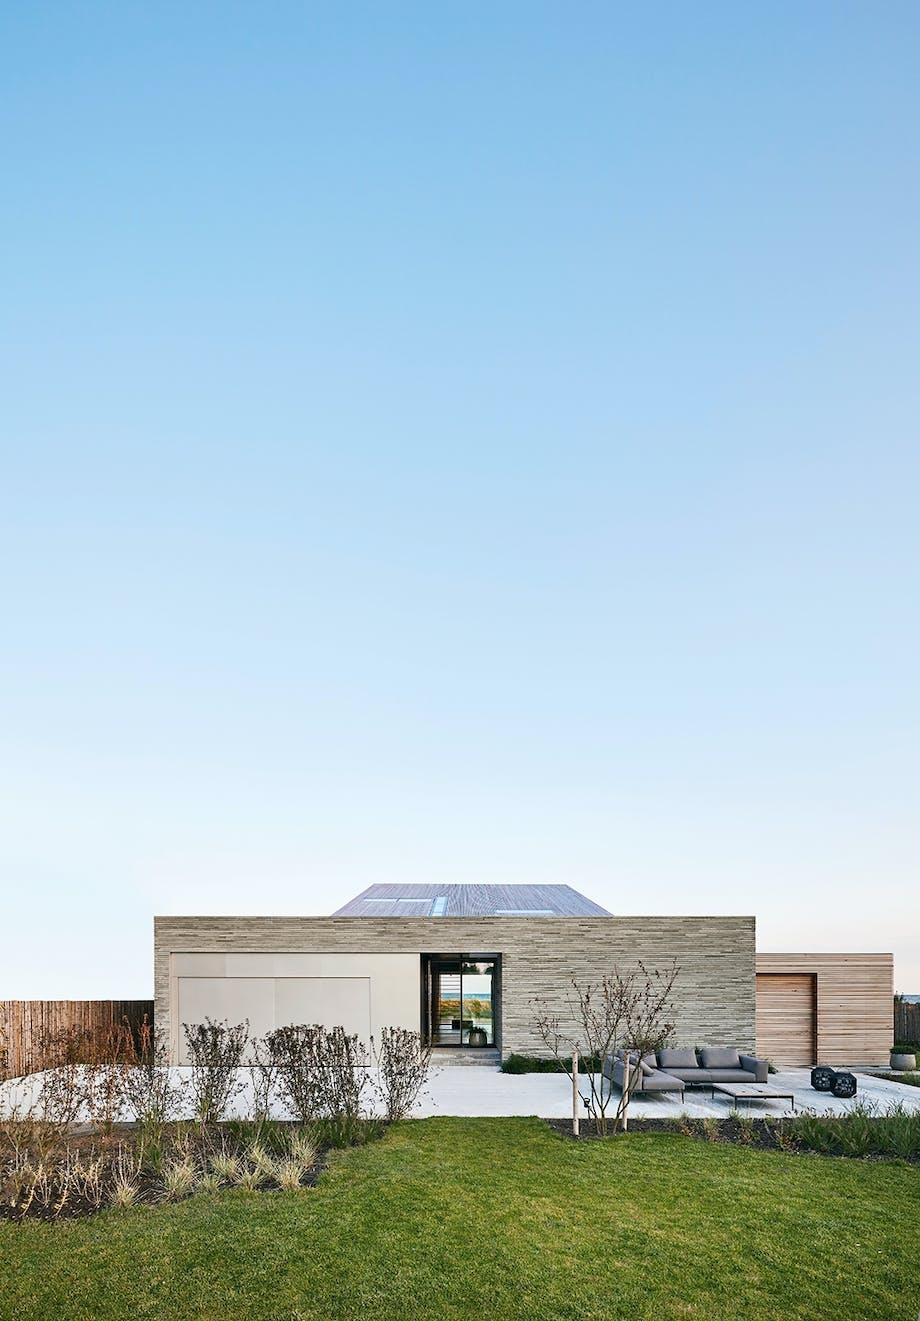 villa grå arkitekt design